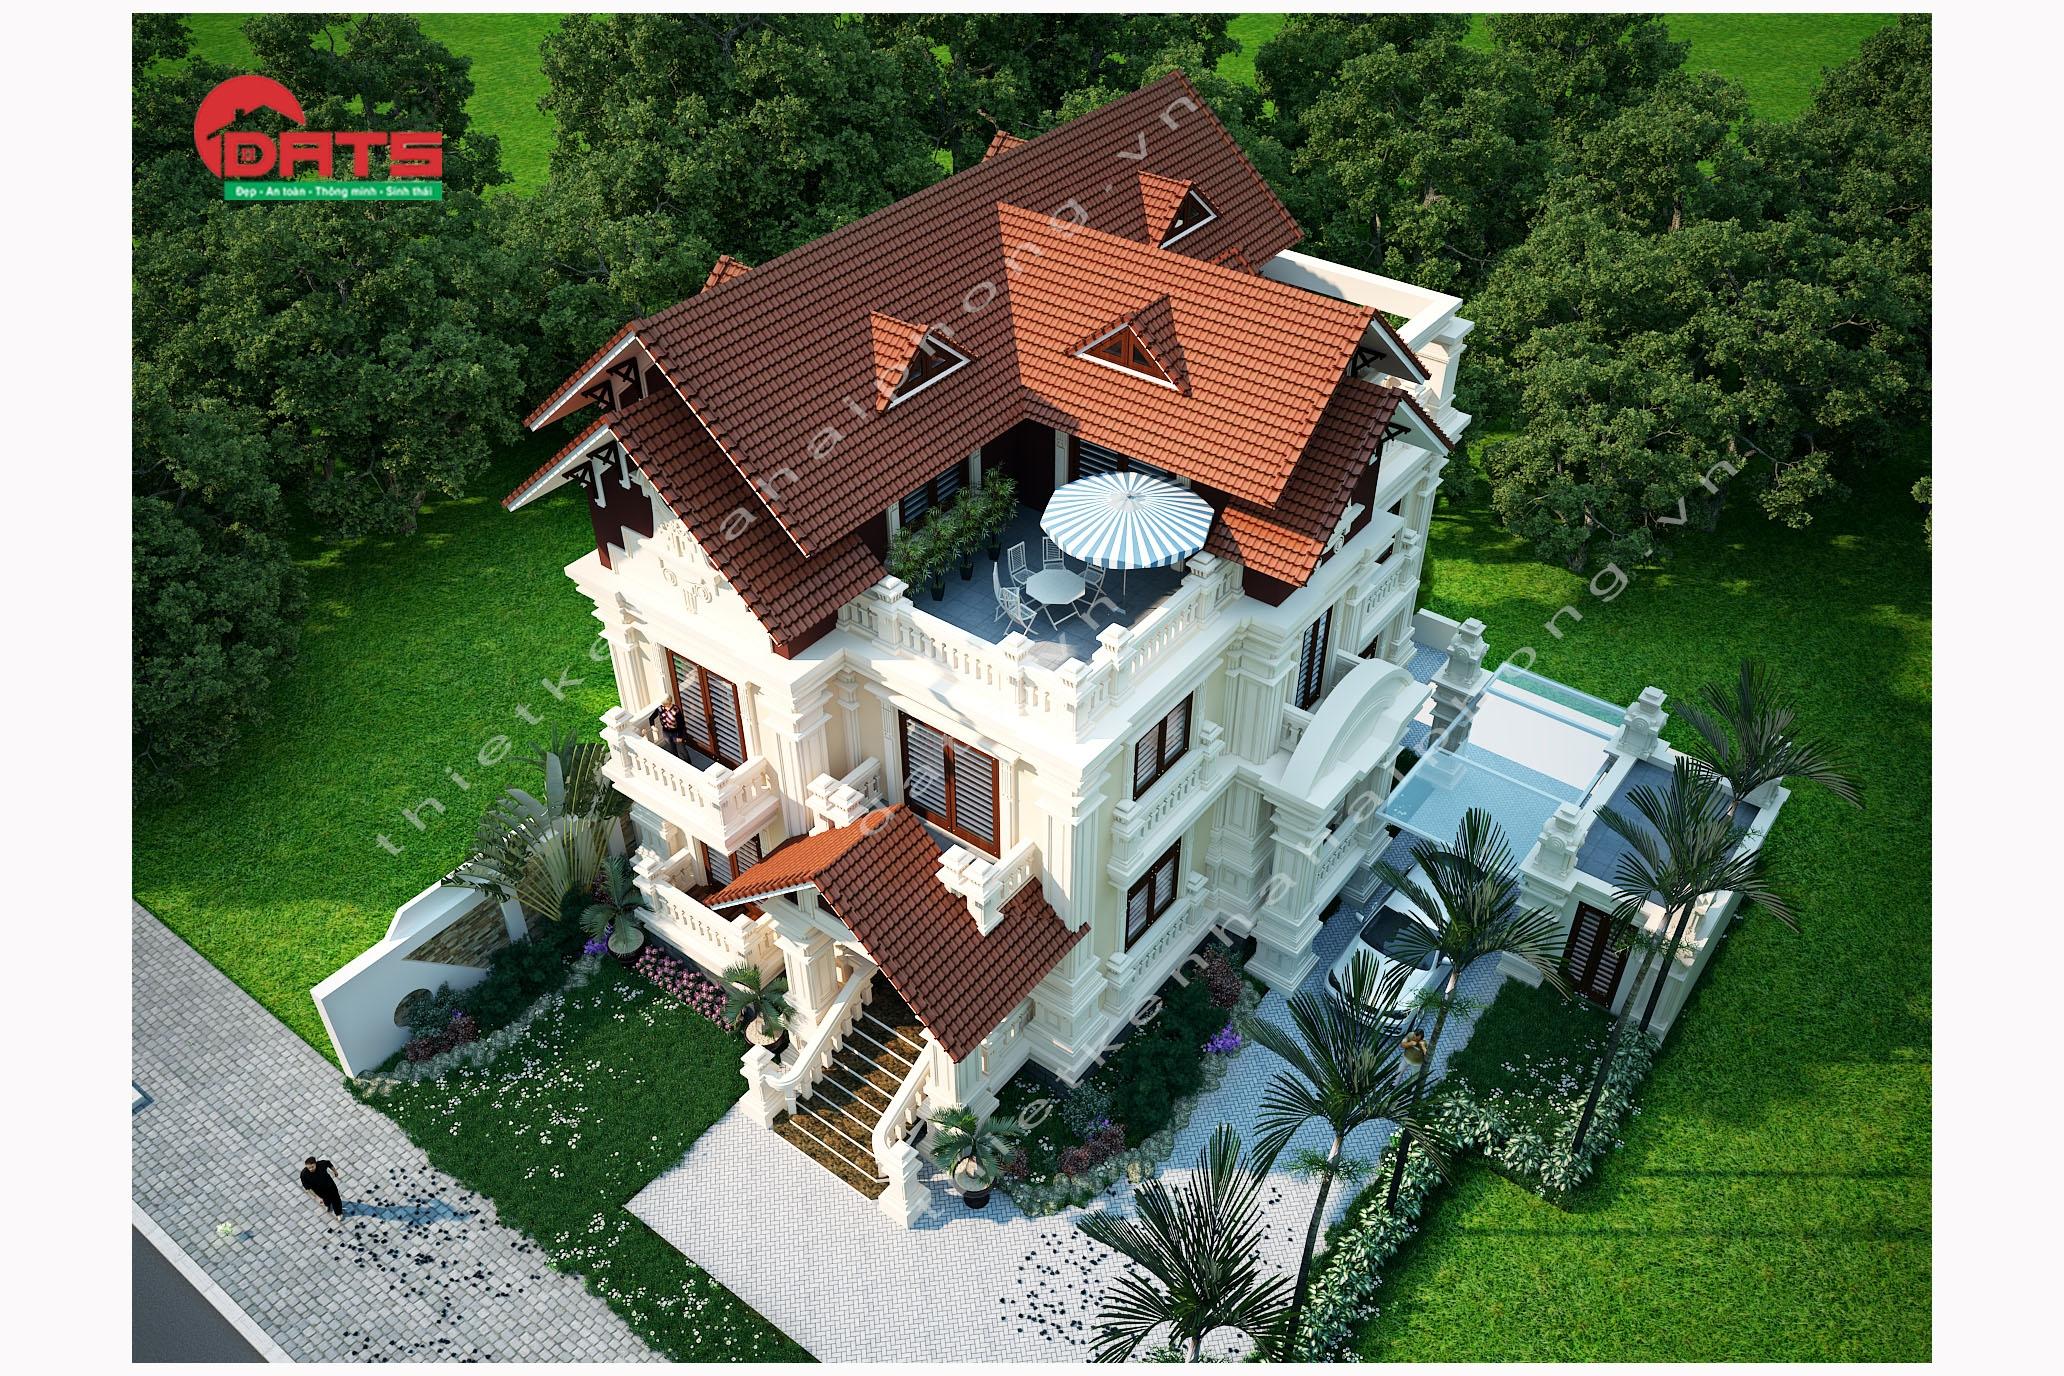 Một mẫu biệt thự đẹp cần đảm bảo những tiêu chuẩn nào? ảnh 2